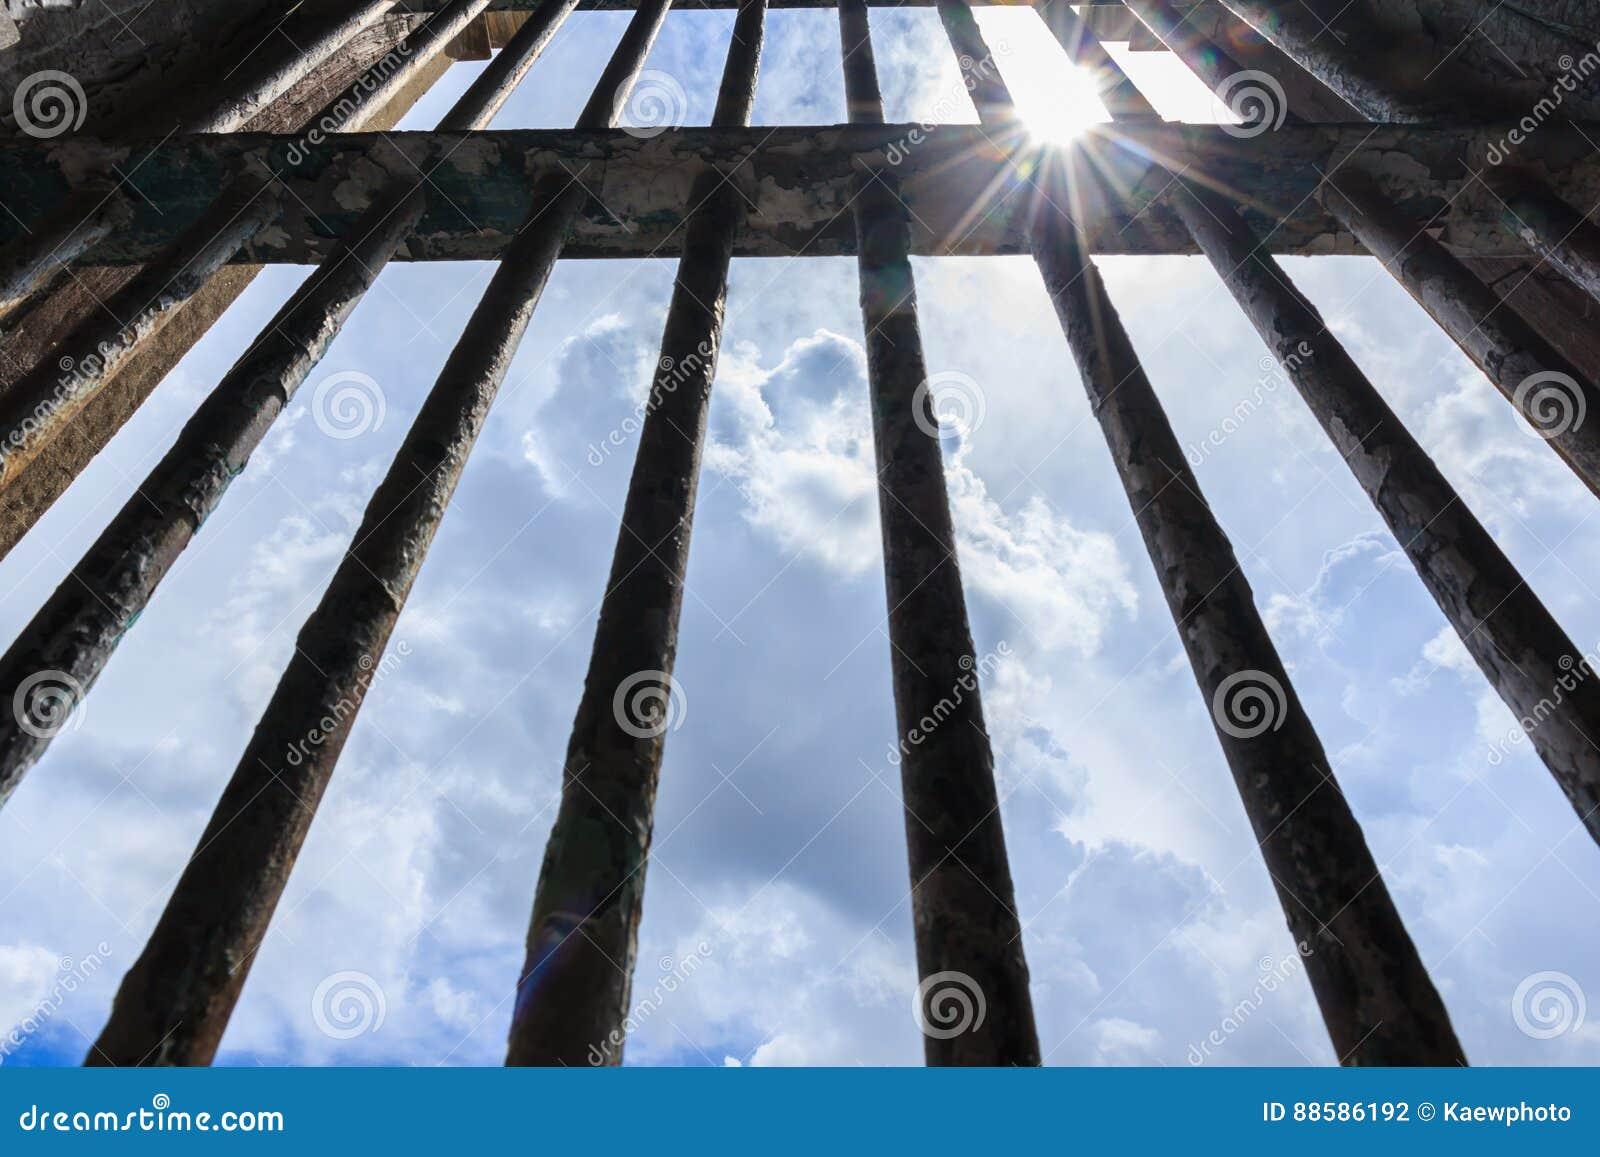 Sombreie o brilho através das barras da prisão velha